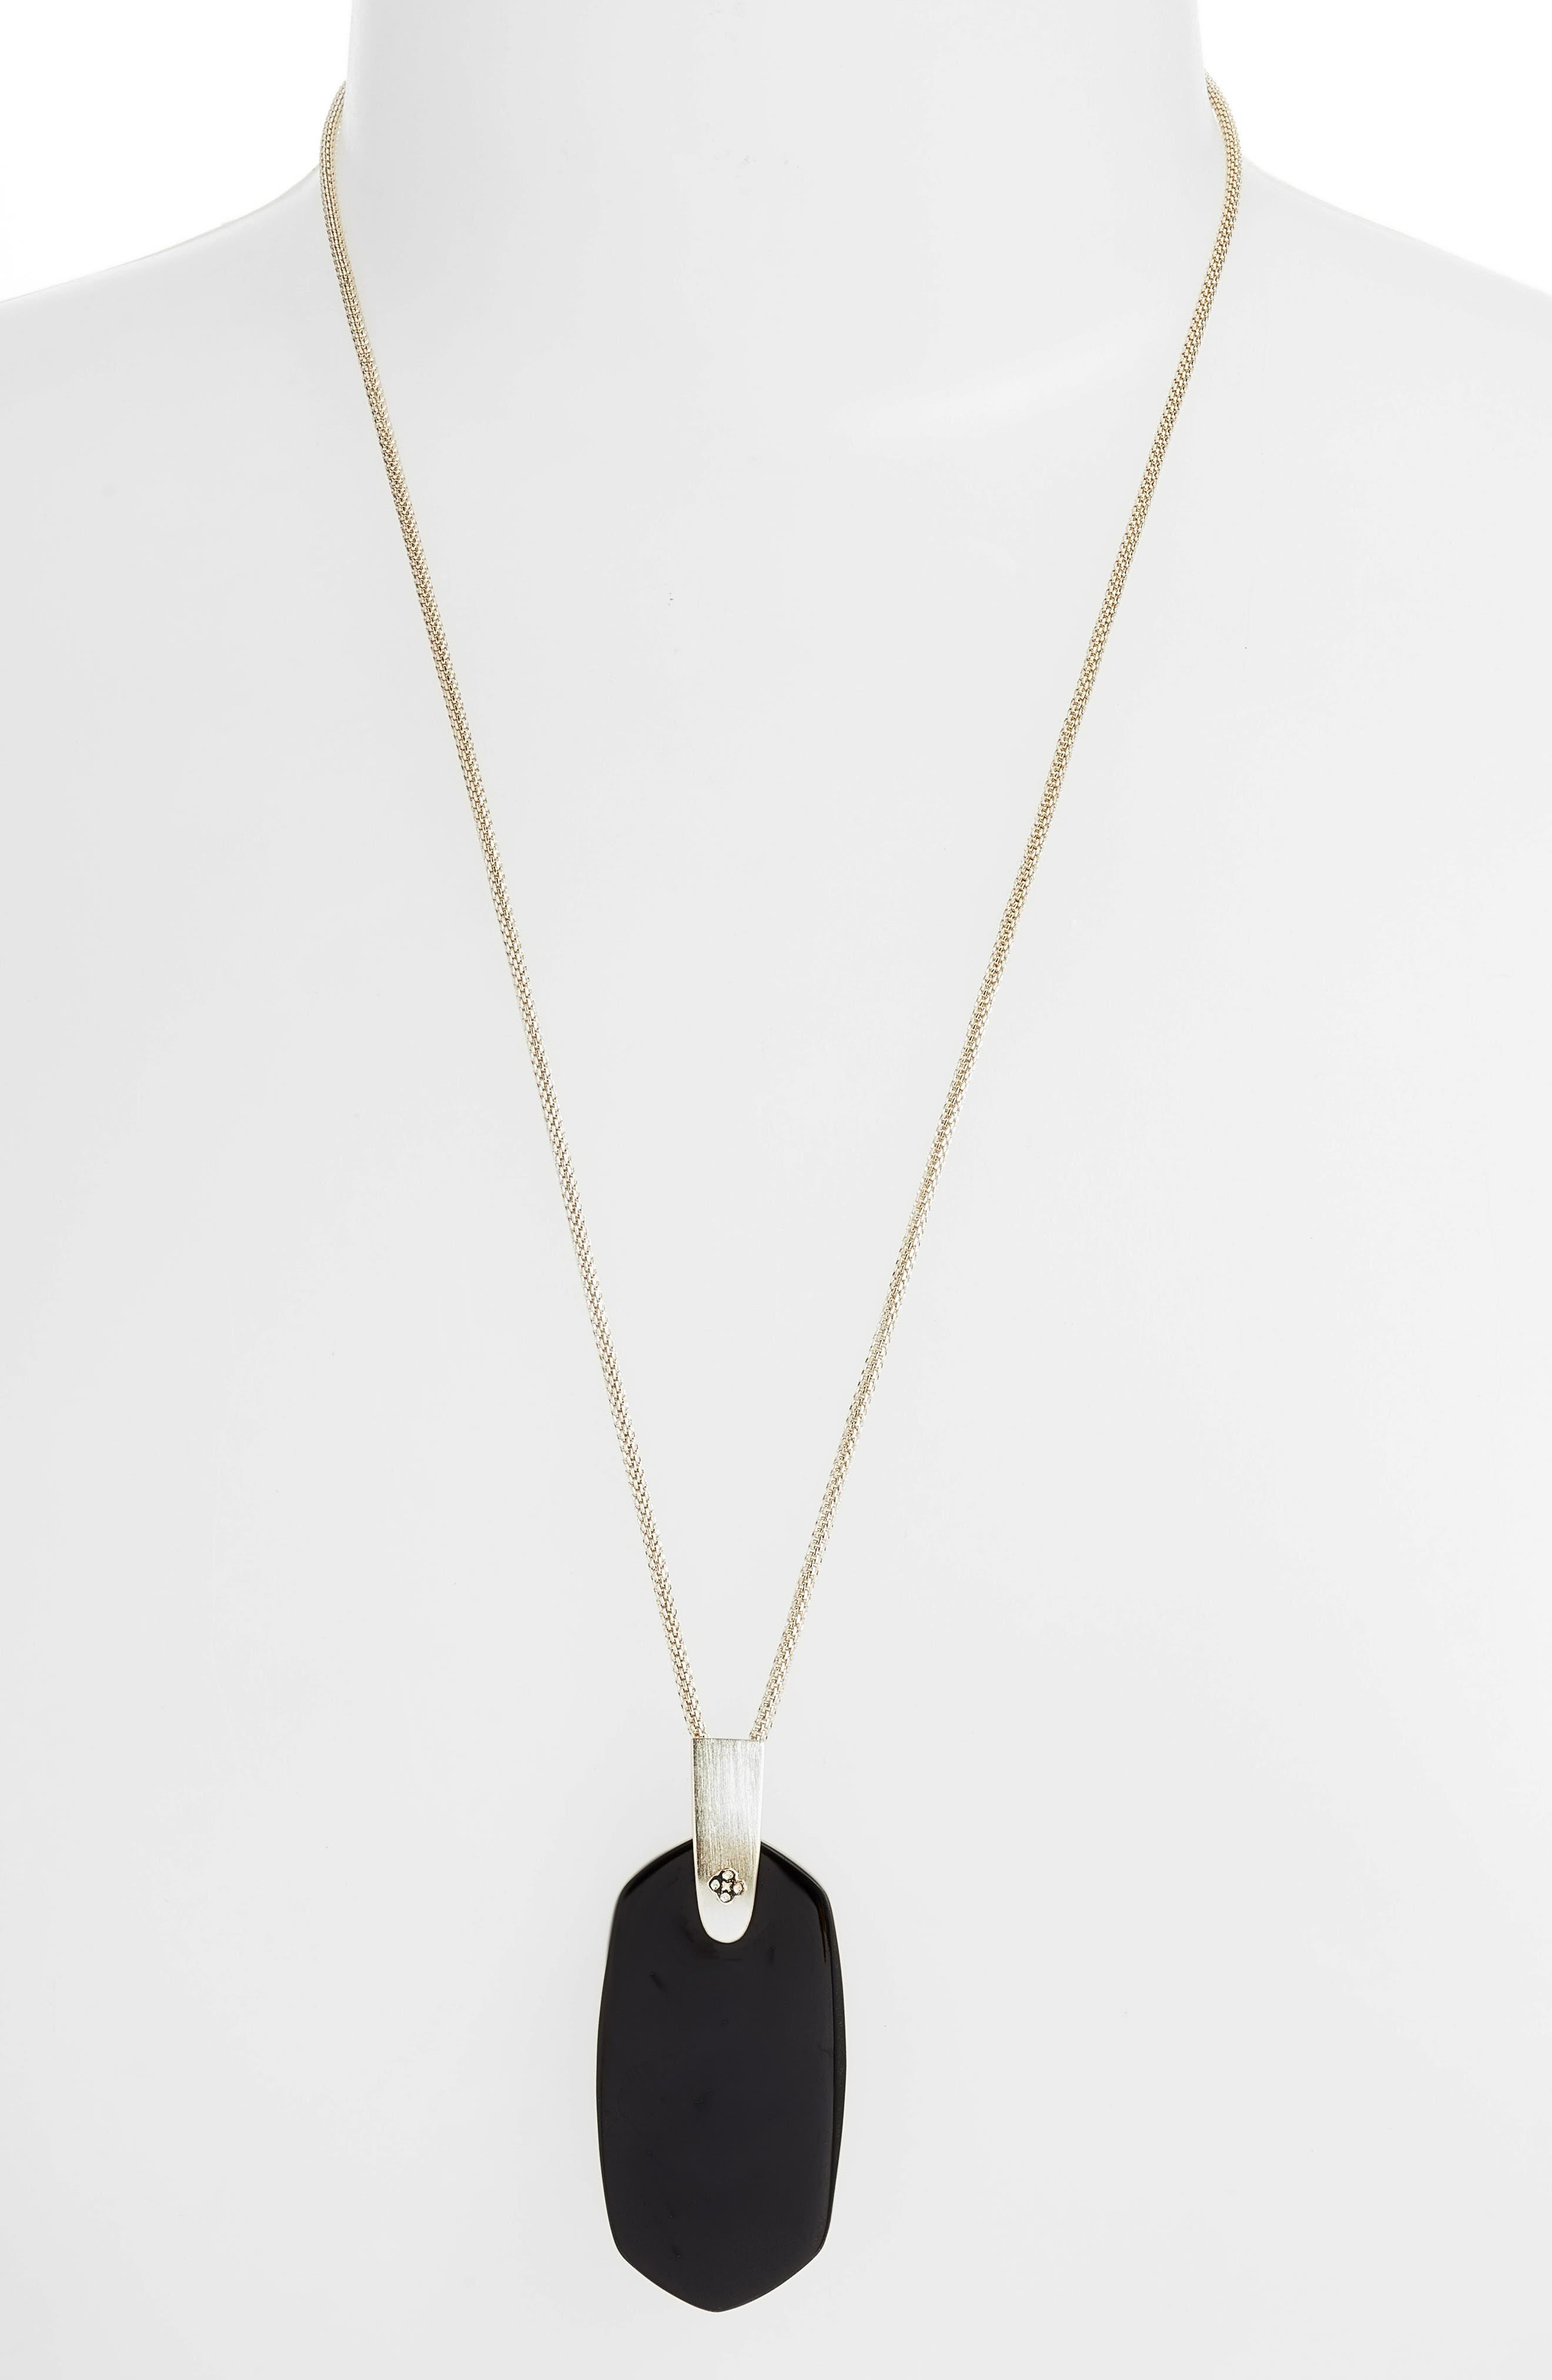 KENDRA SCOTT Inez Pendant Necklace, Main, color, BLACK/ GOLD